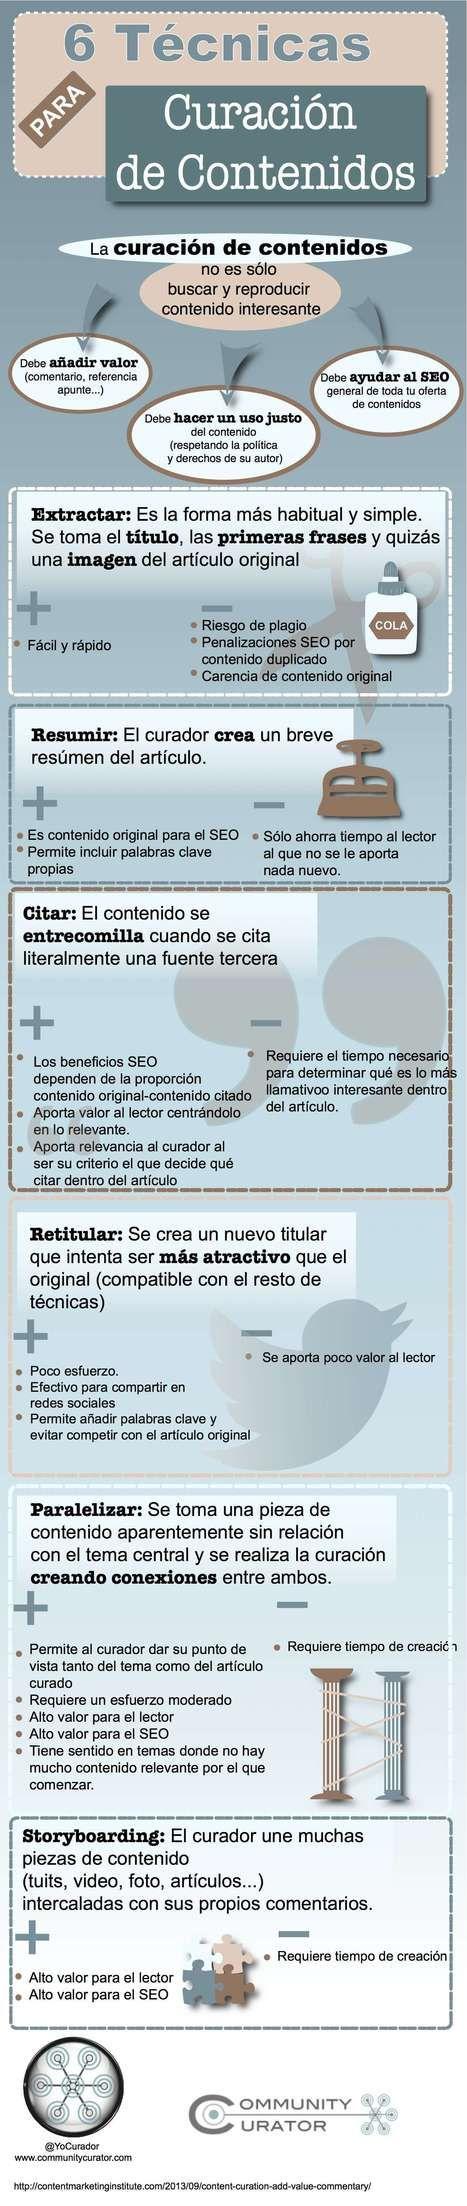 Curación de Contenidos | Scoop.it